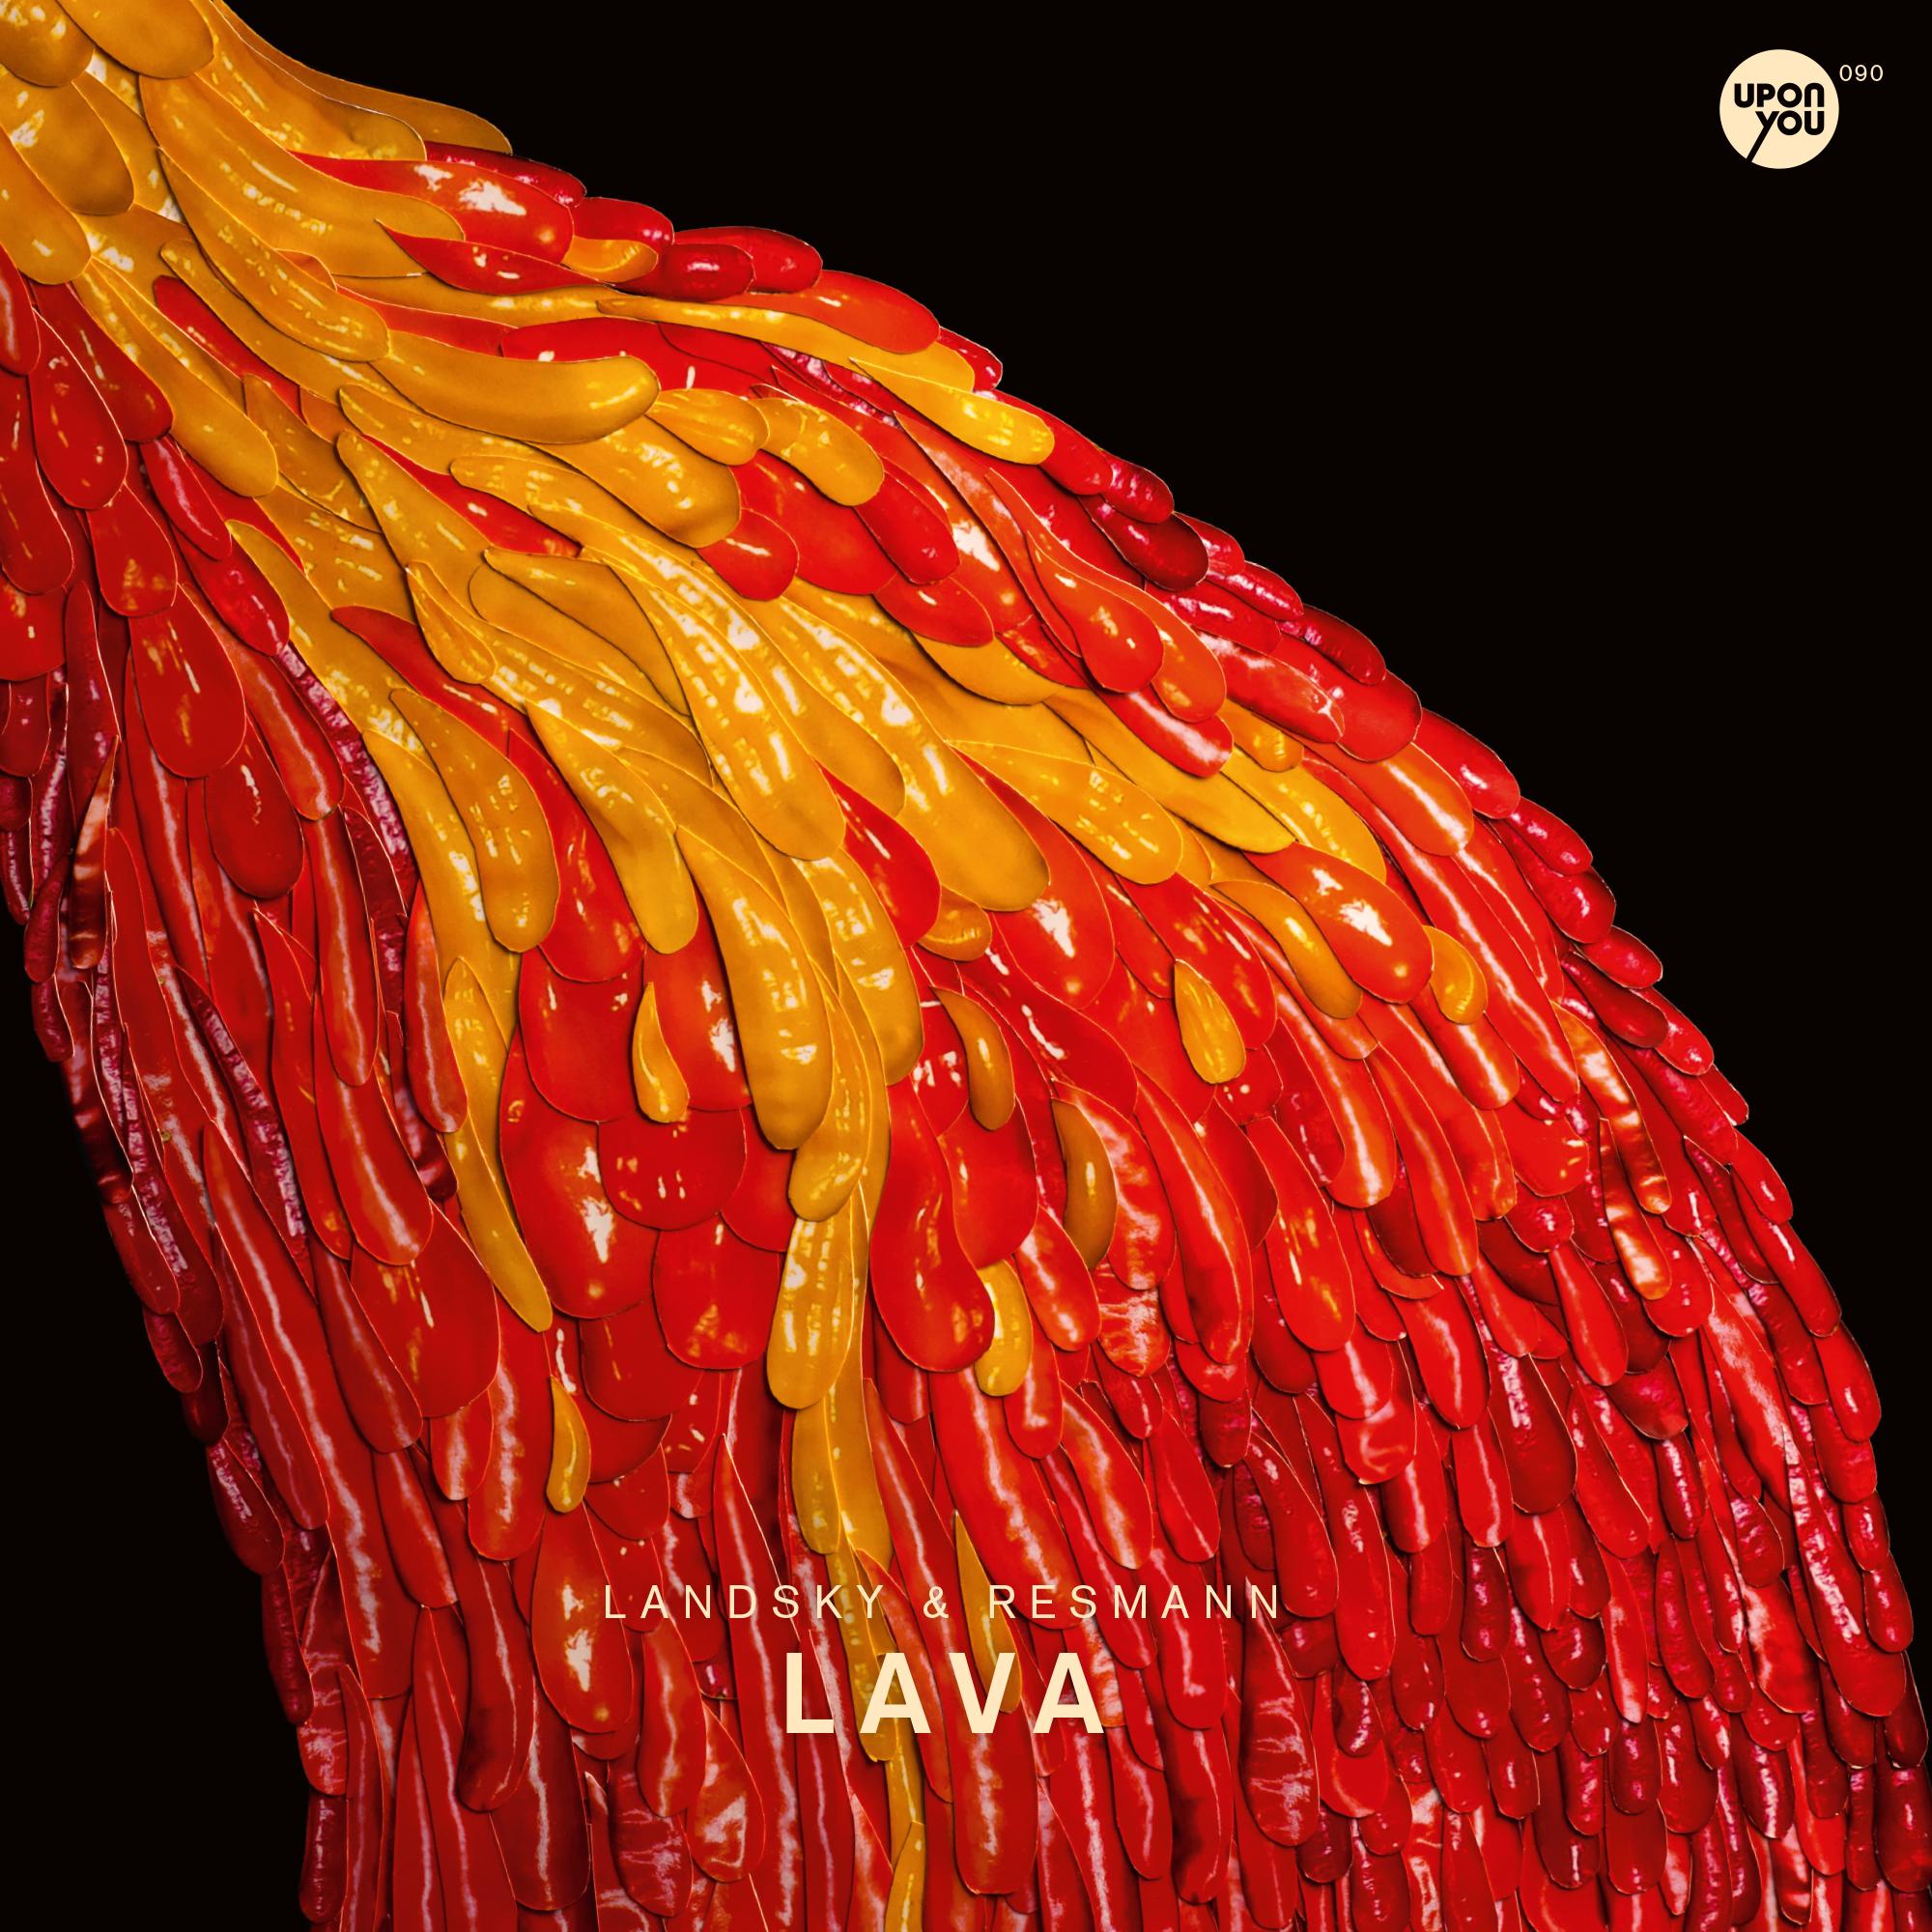 Landsky & Resmann – Lava (Upon You 090)